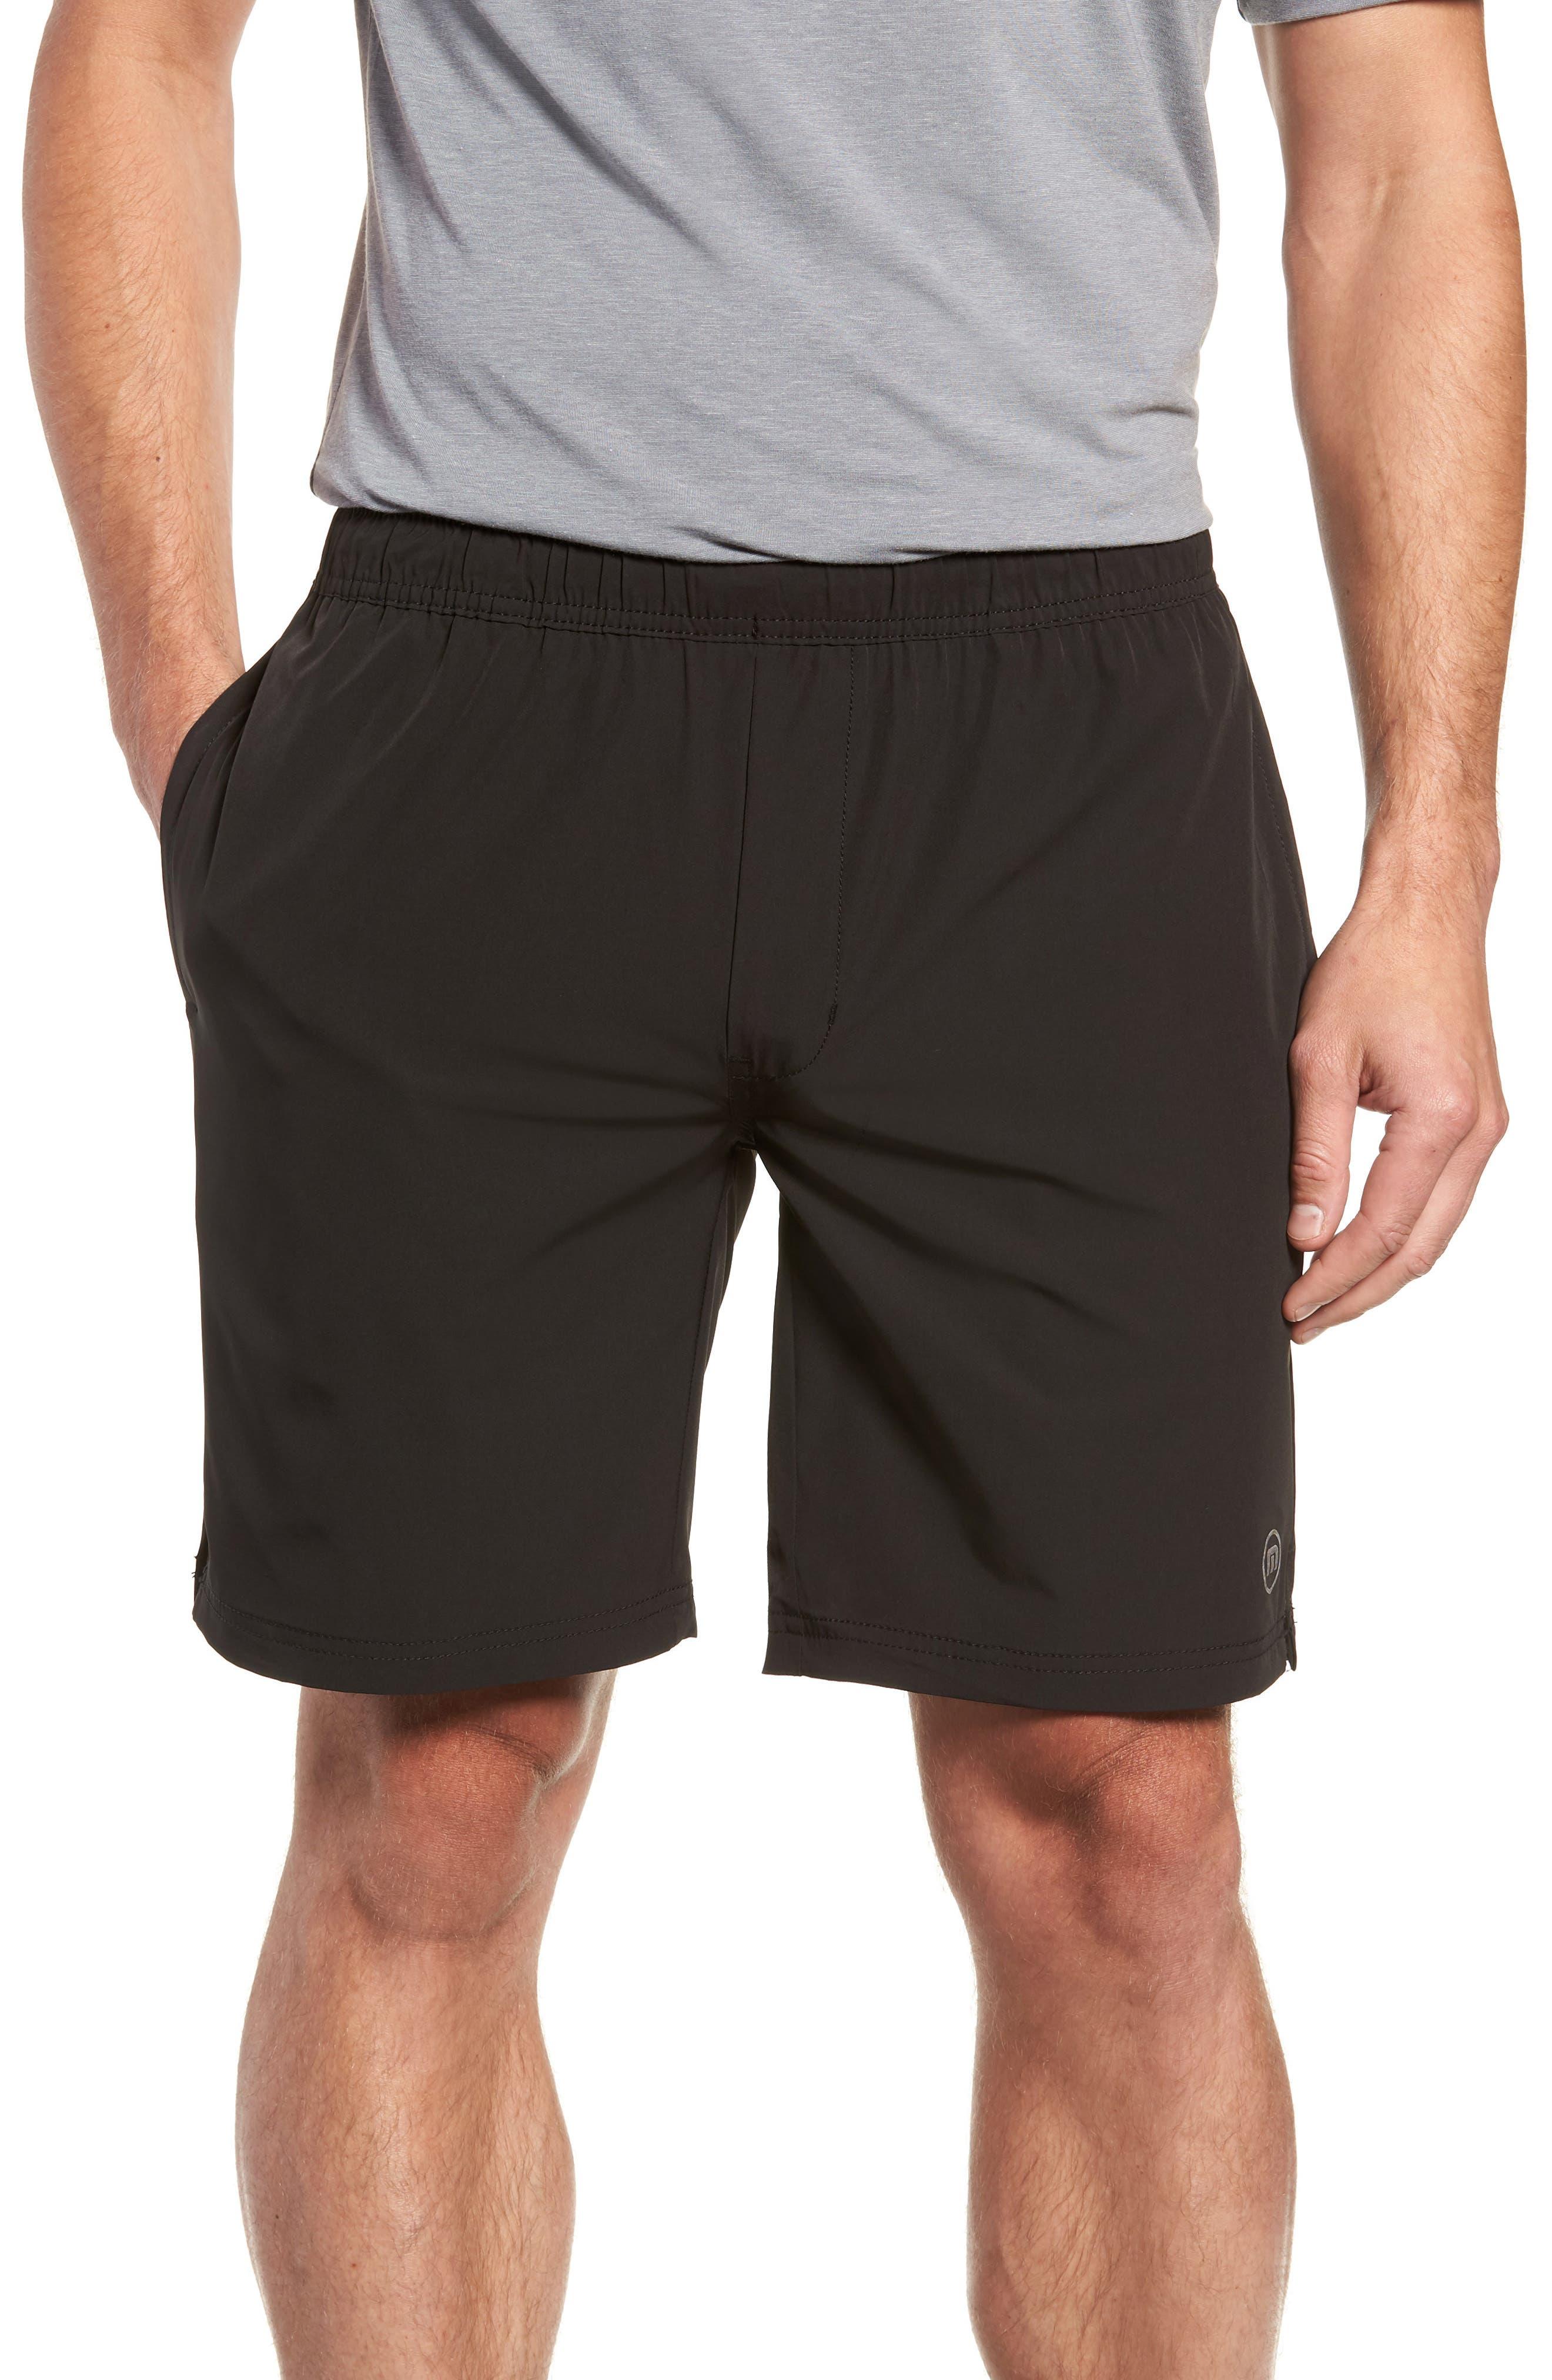 Deering Shorts,                             Main thumbnail 1, color,                             BLACK